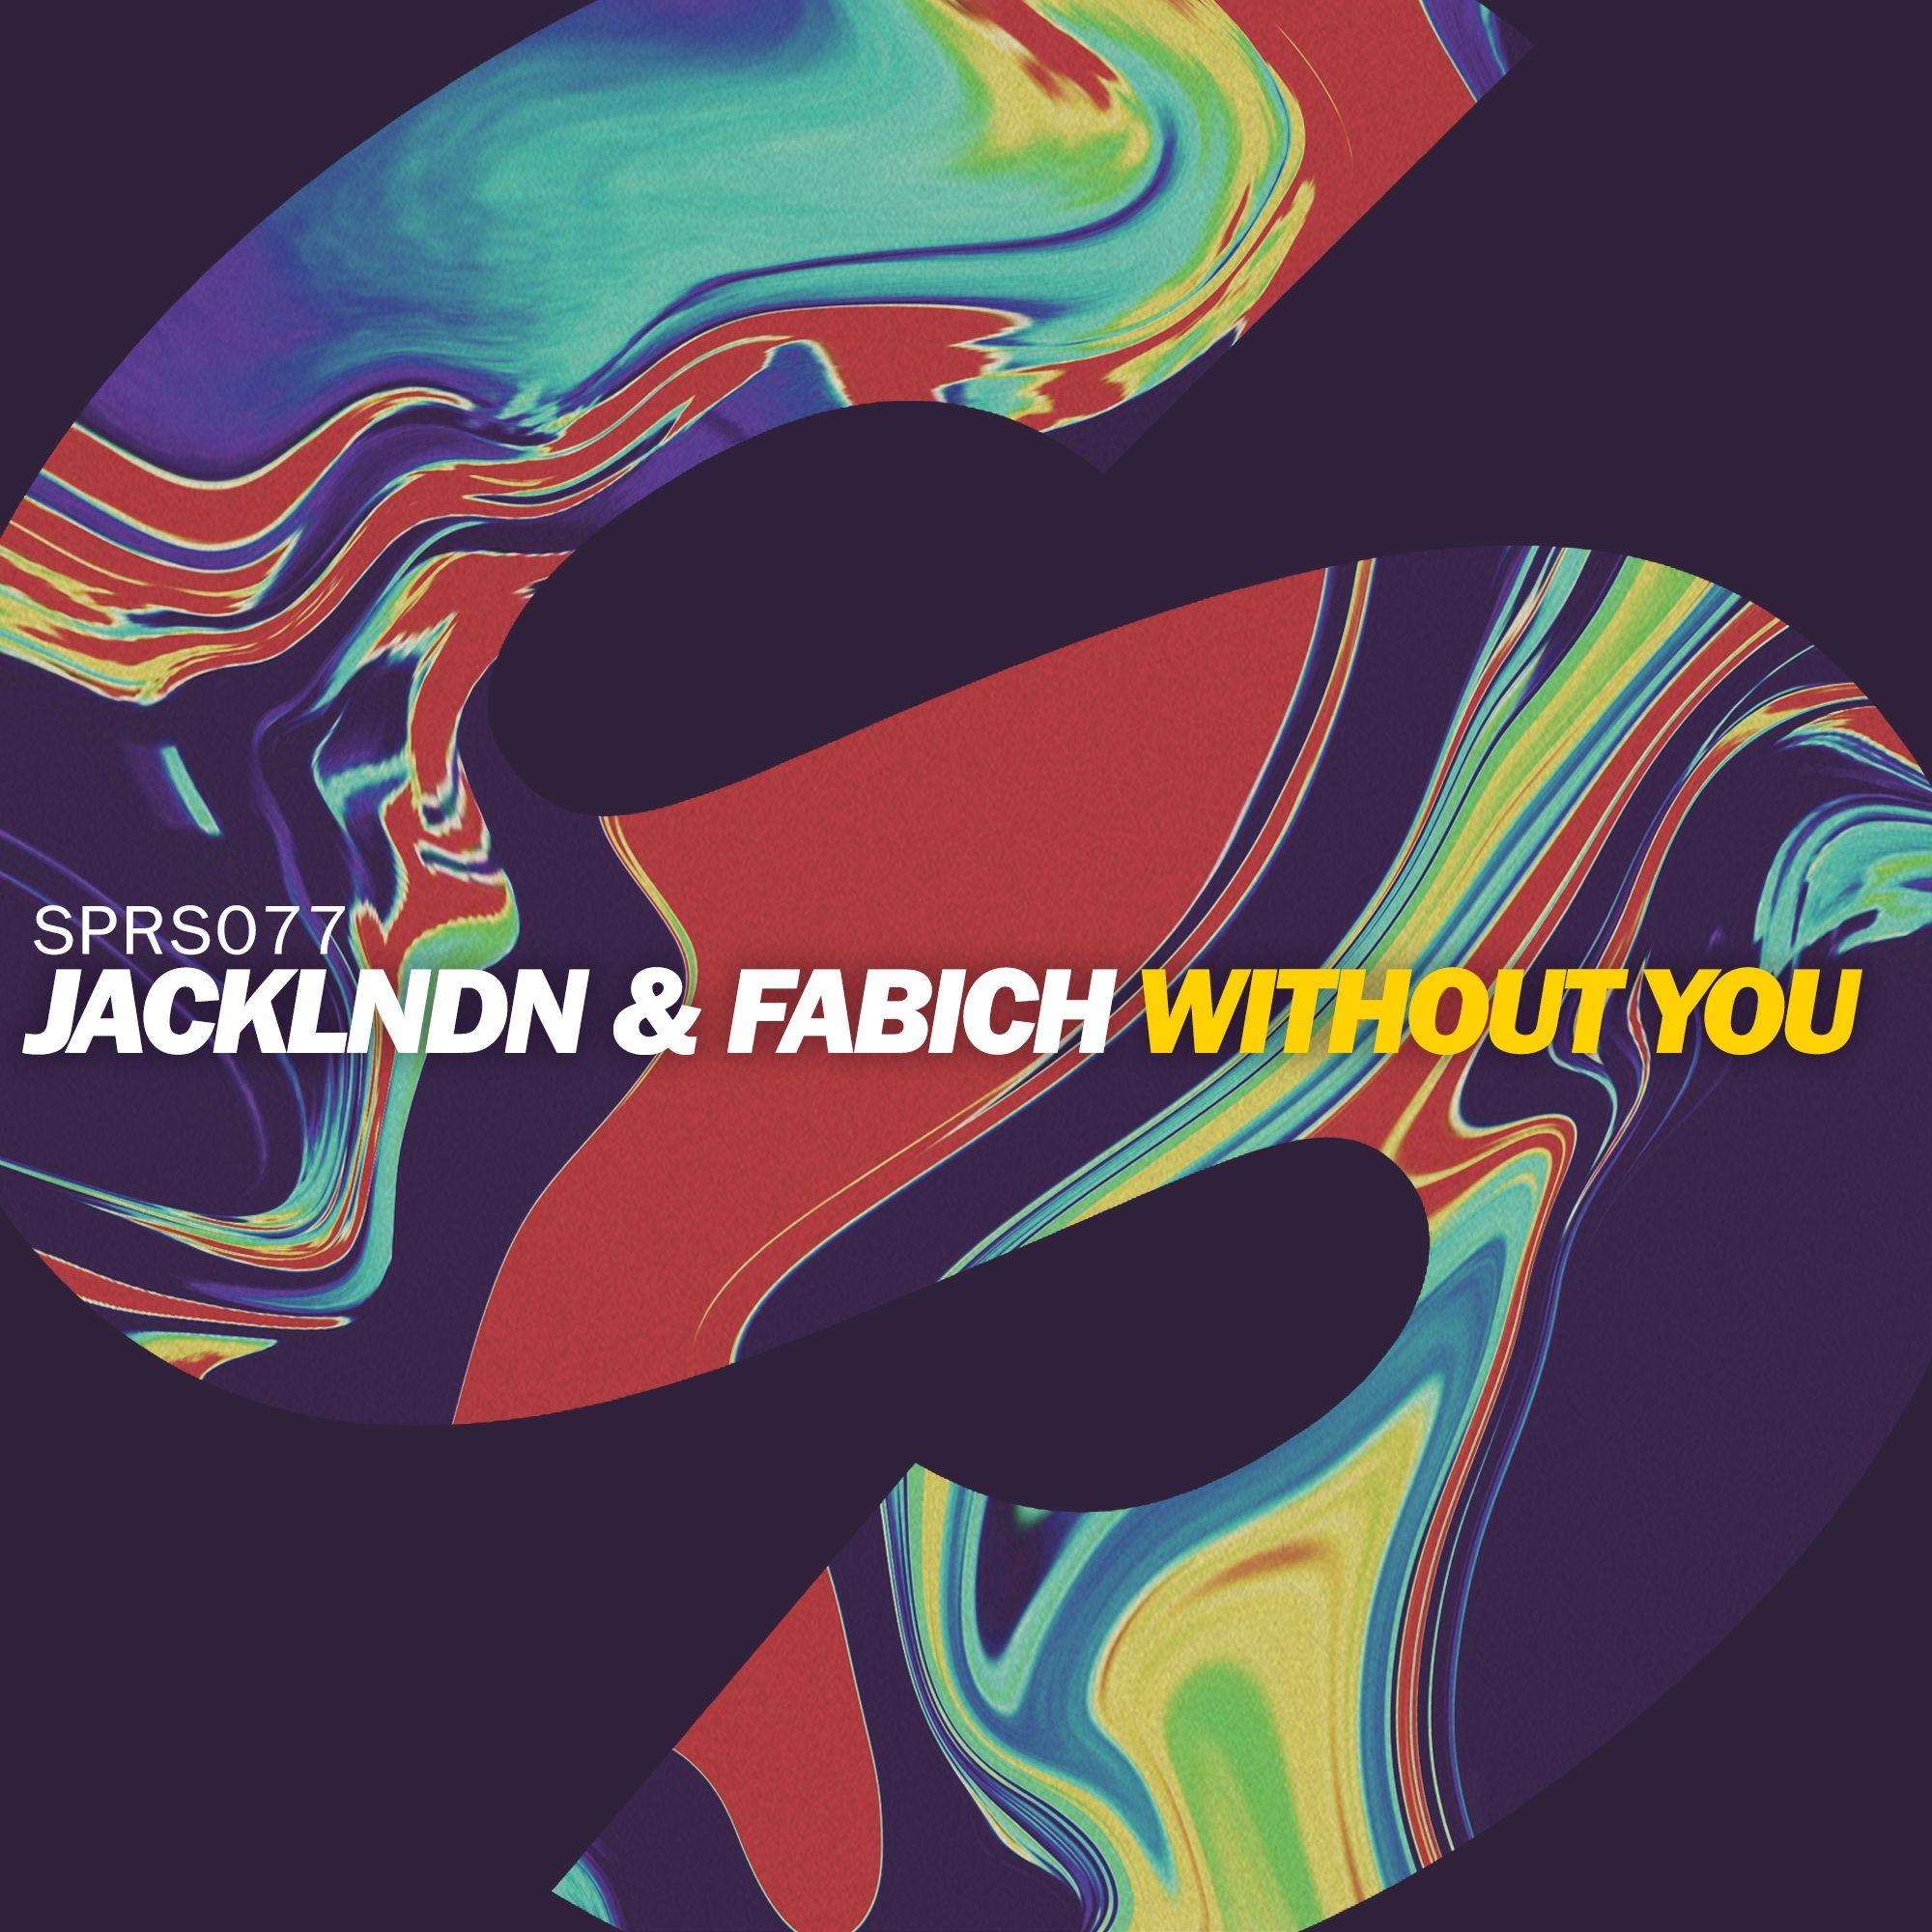 sprs_jacklndn_fabich_-_without_you.jpg